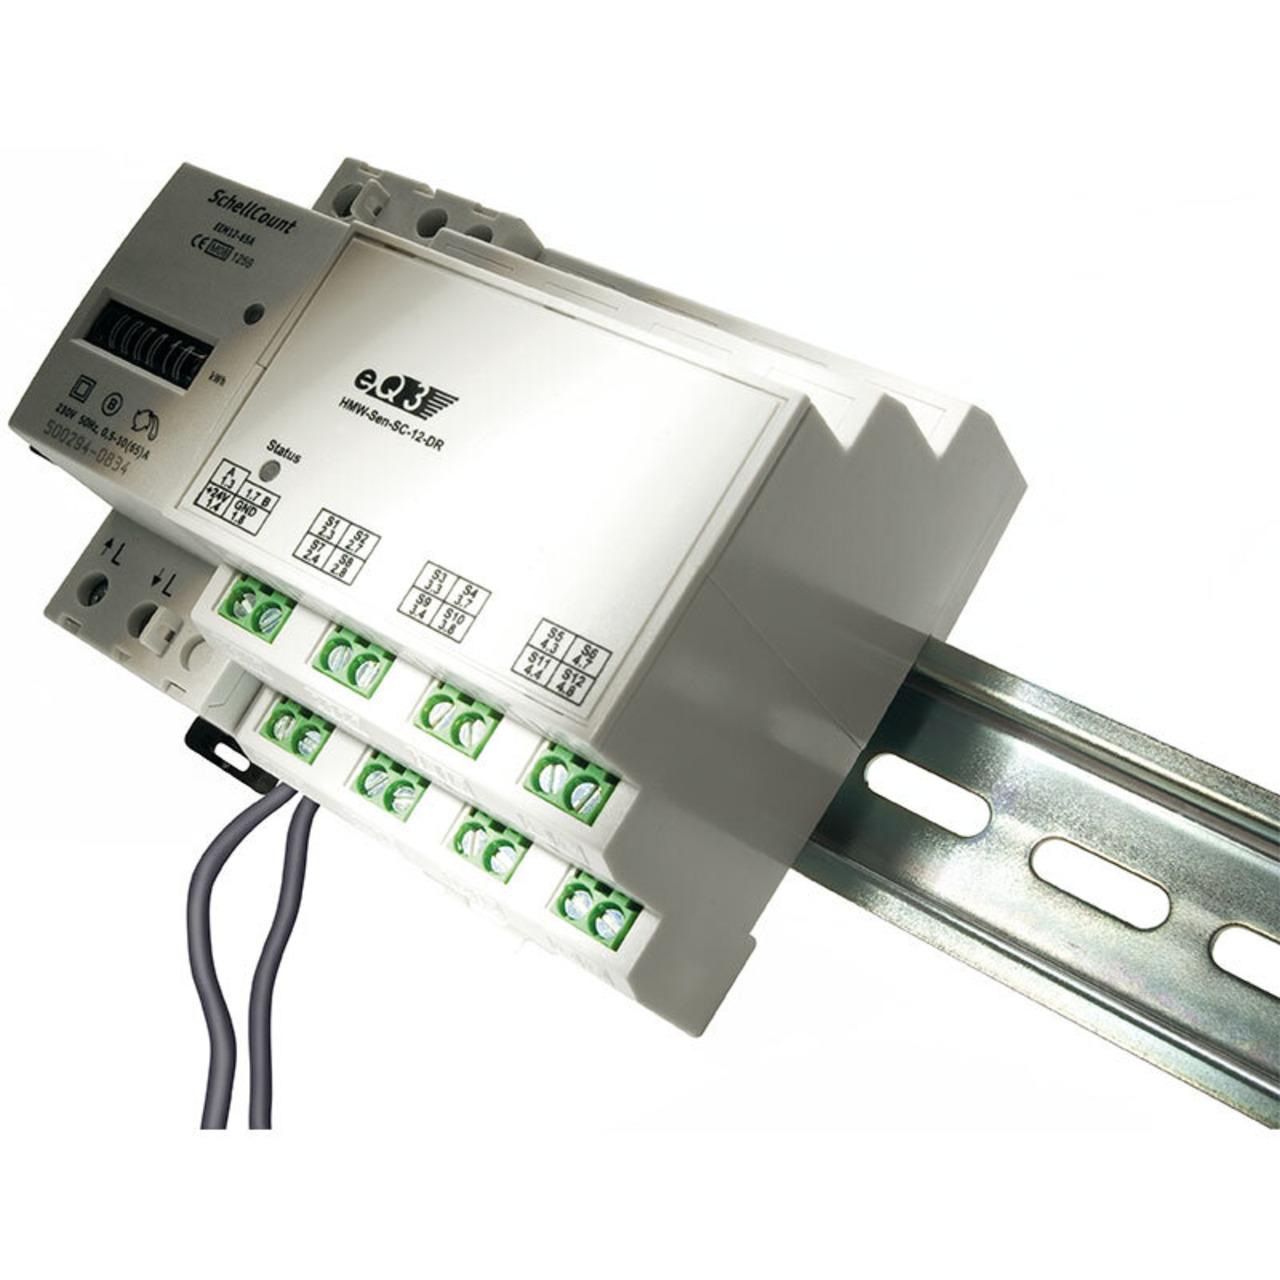 ELV Homematic Bausatz 12fach-Kontaktsensor für Schaltzustandserkennung HMW-Sen-SC-12-DR